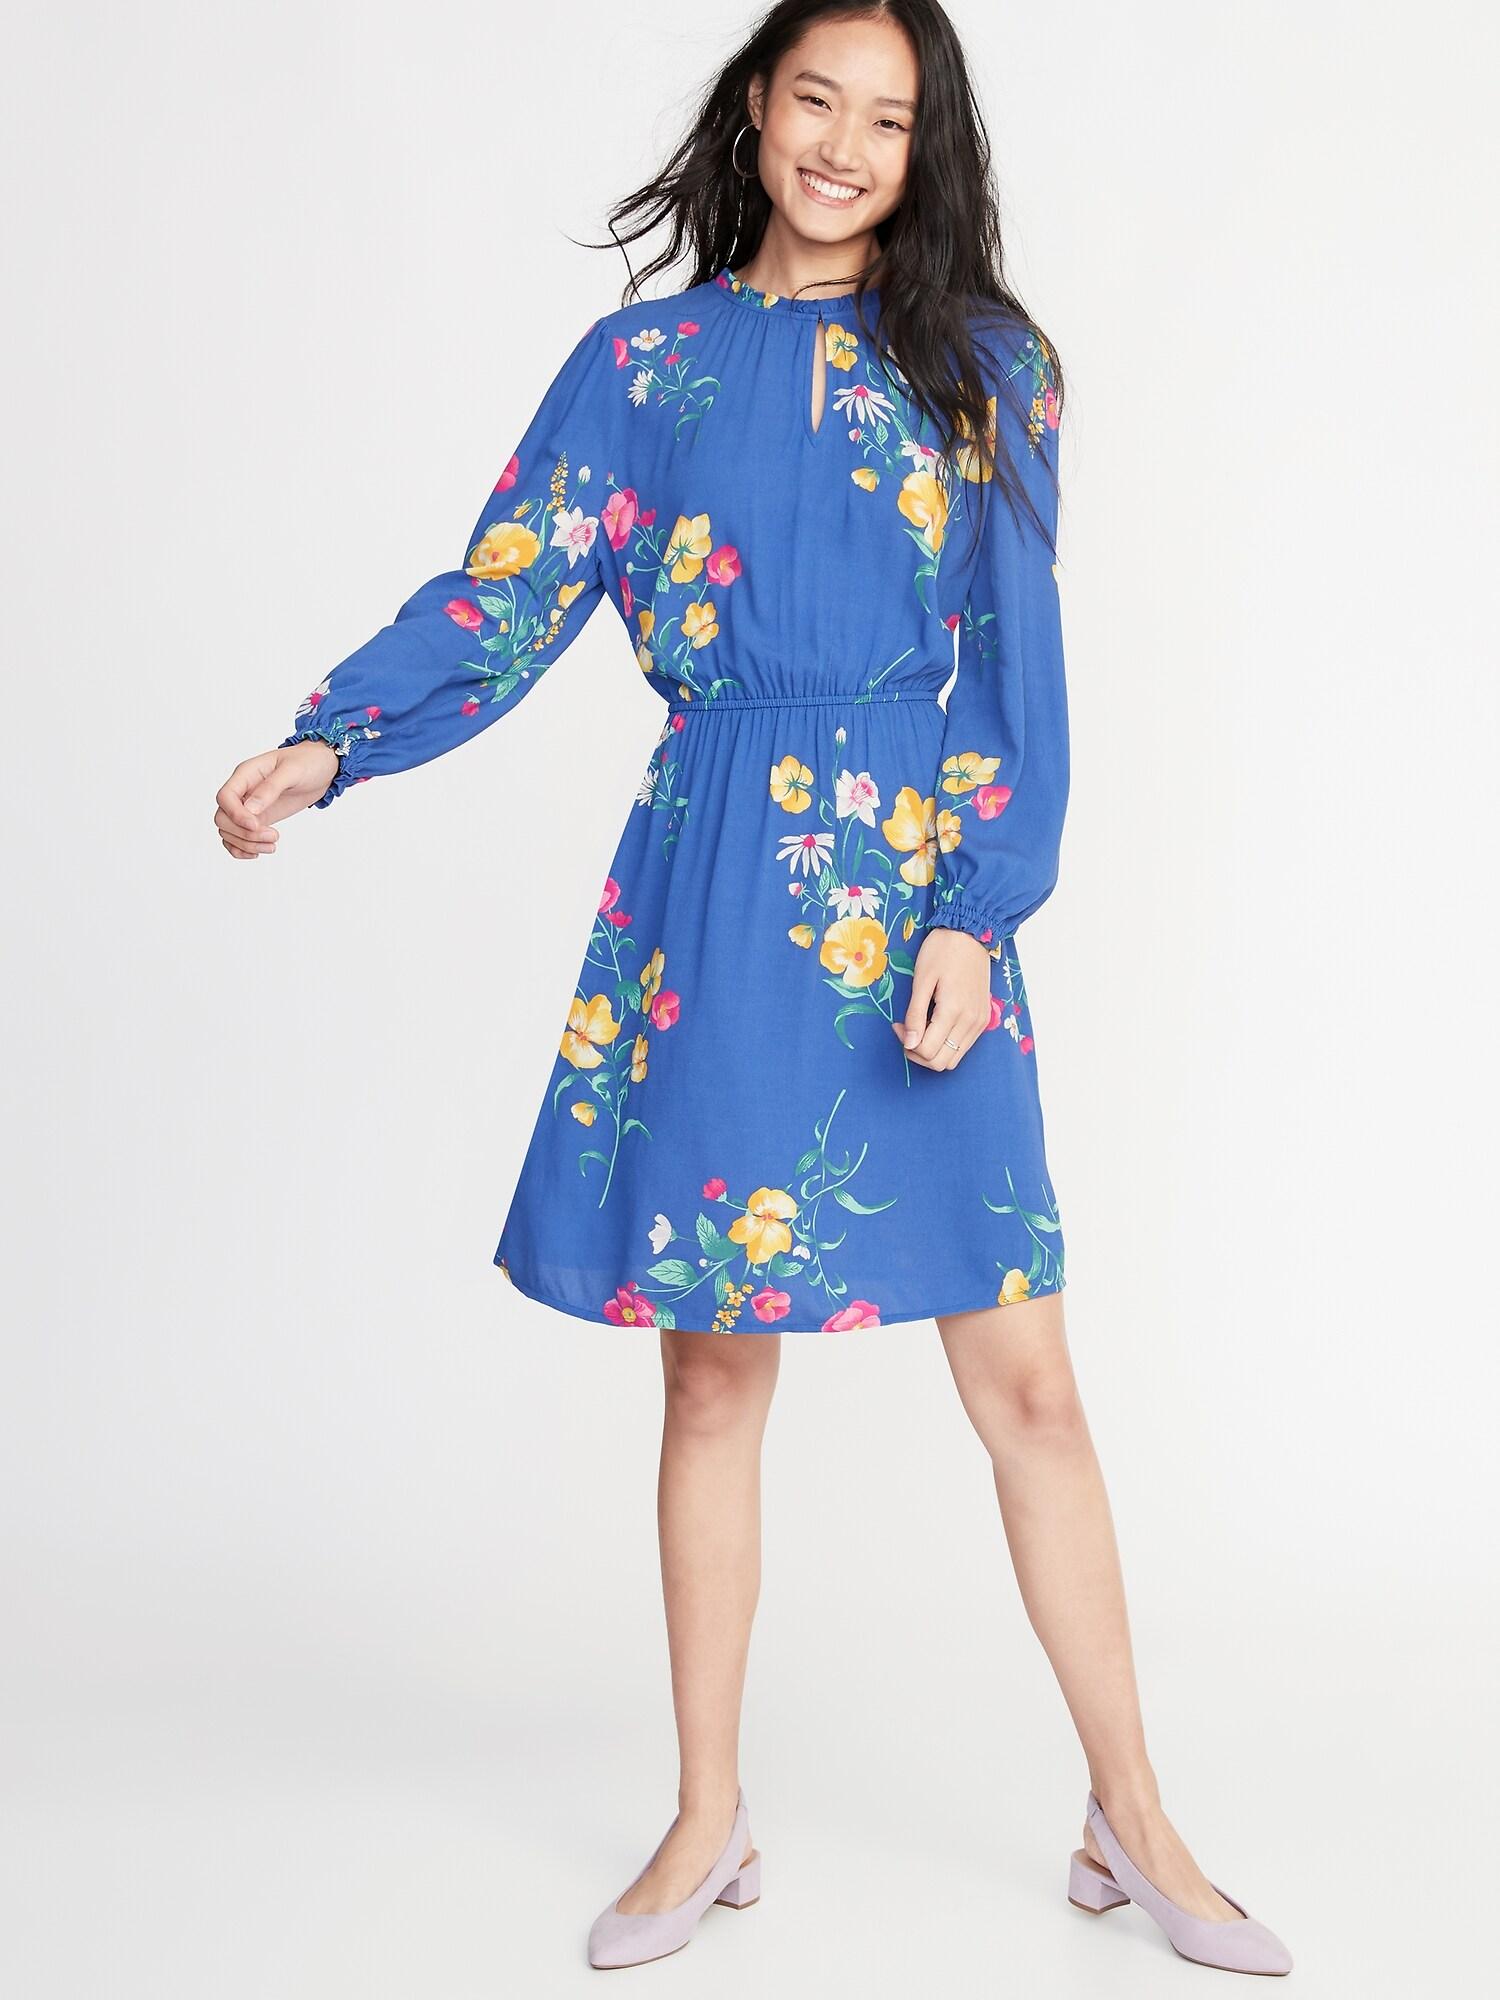 37332d410c1 Waist-Defined Ruffle-Trim Dress for Women